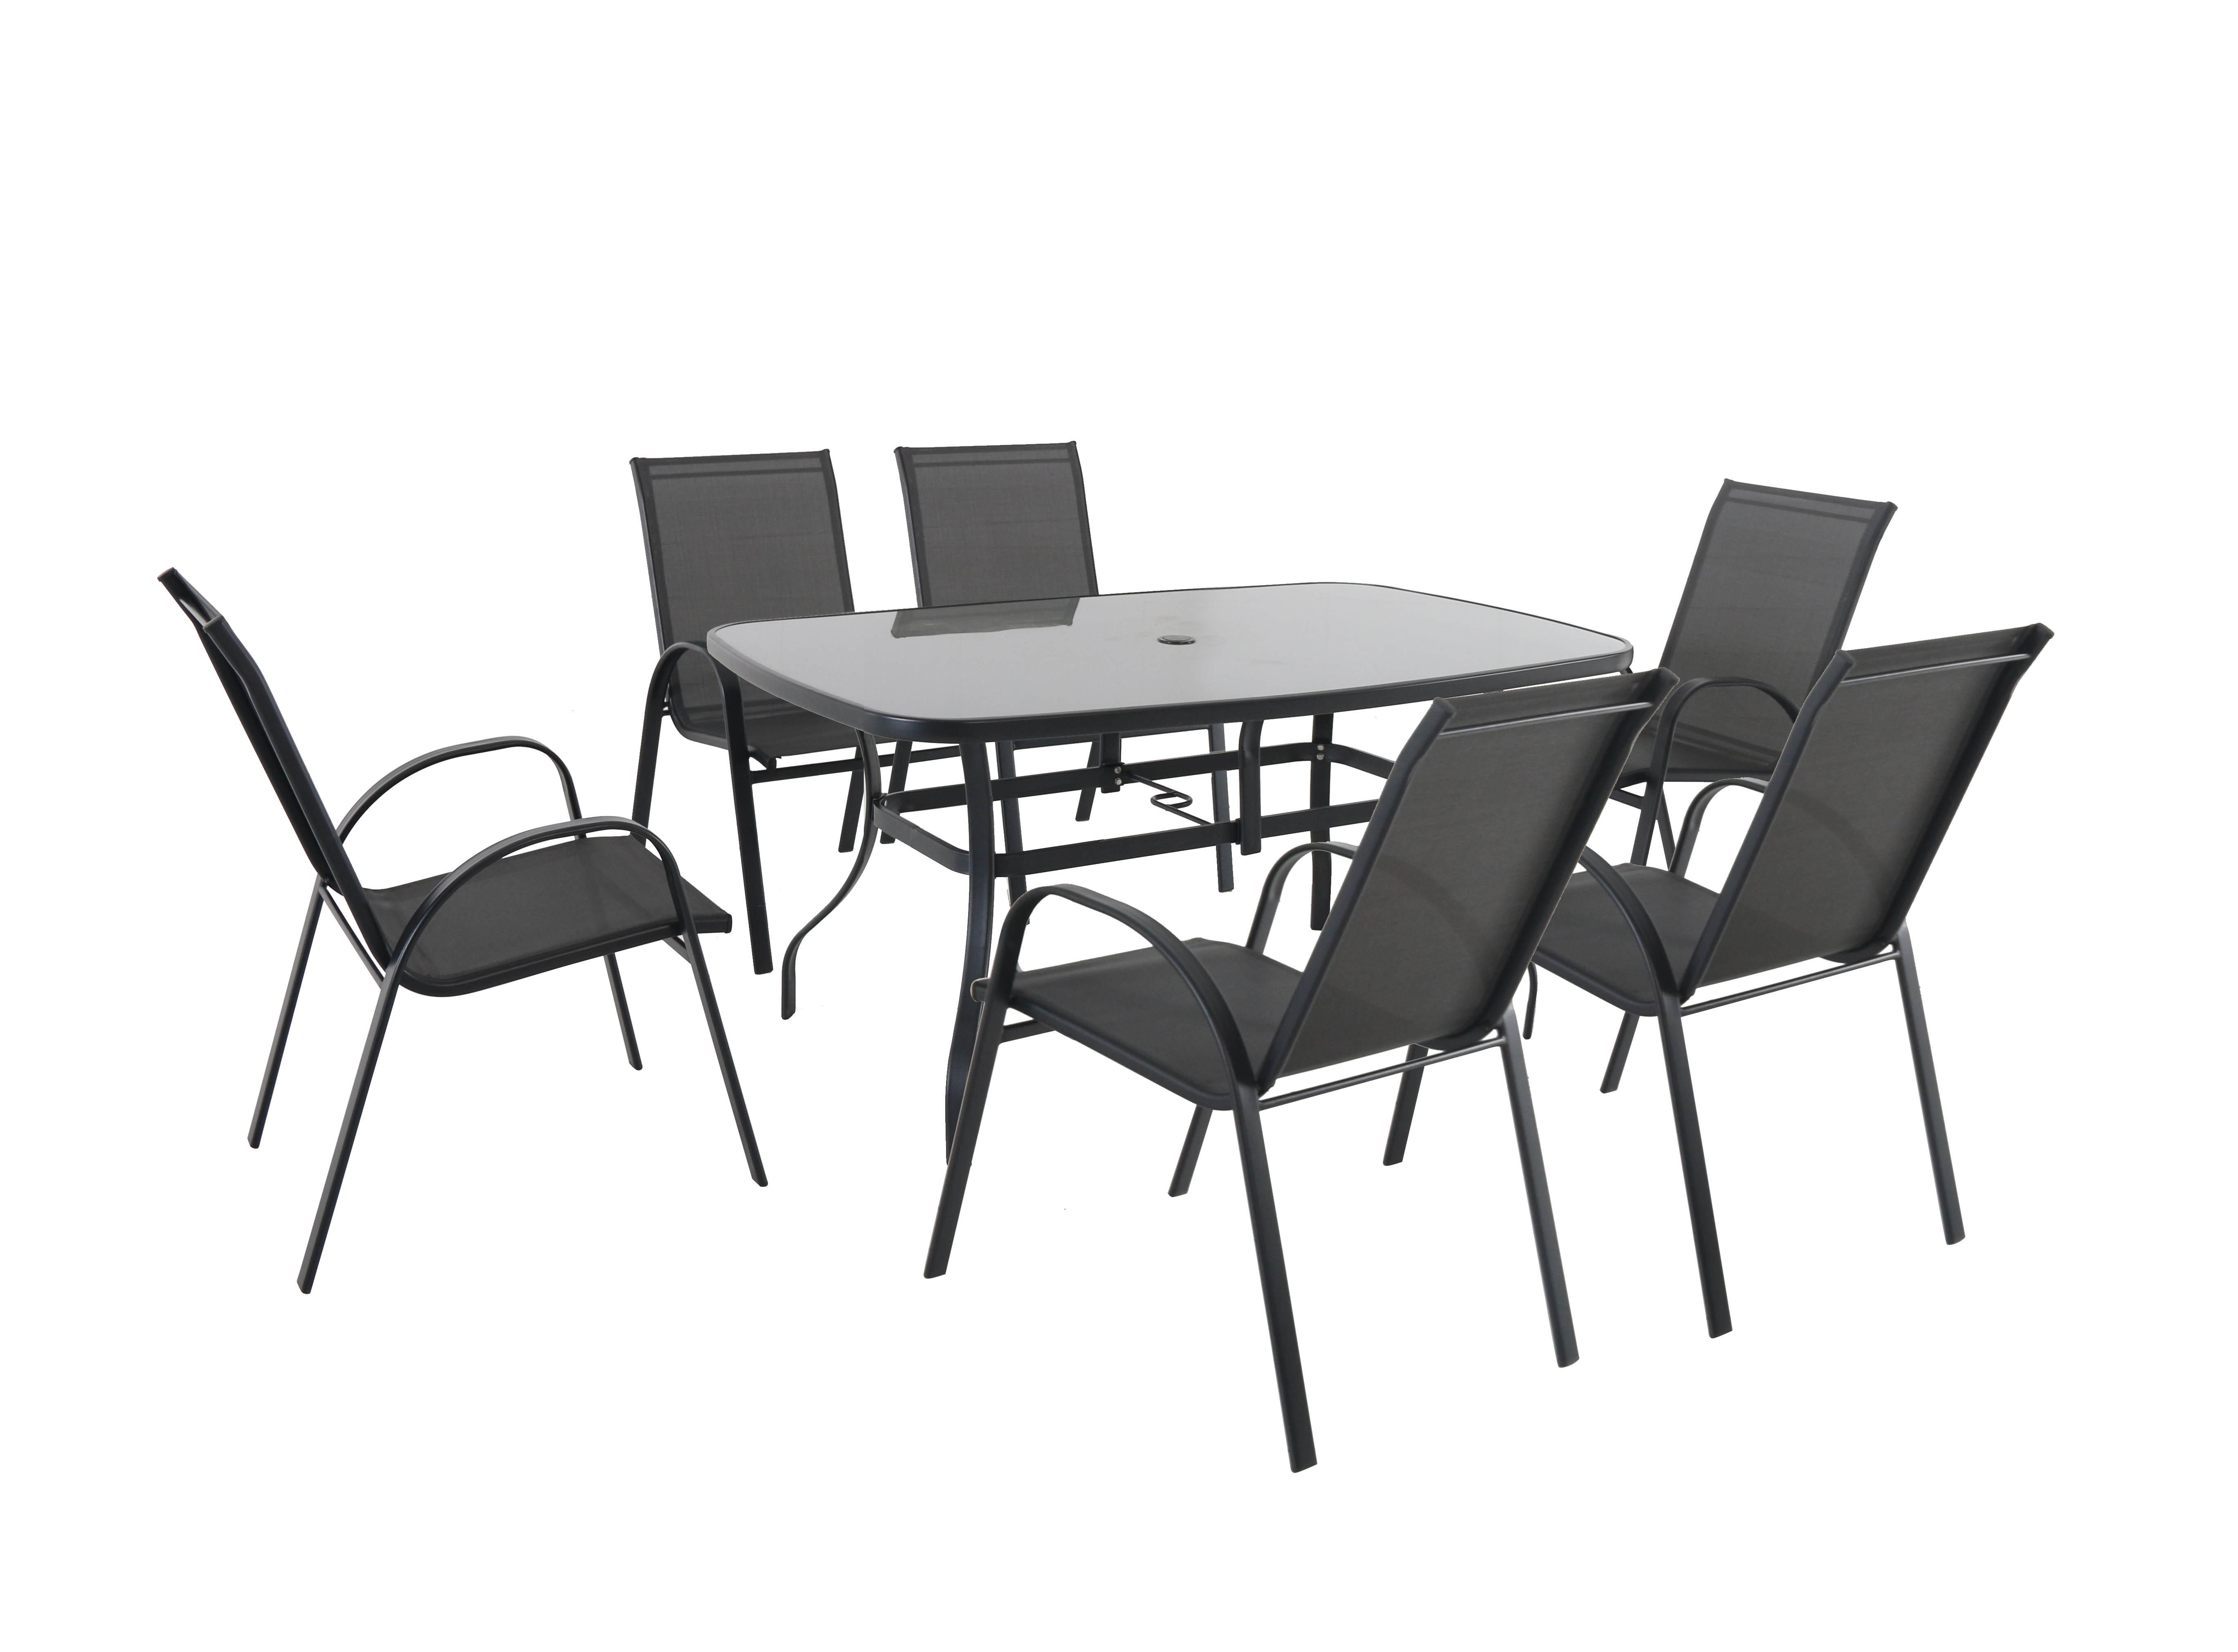 Sestava nábytku z kovu (6x židle + 1x stůl) Garland Verona 6+